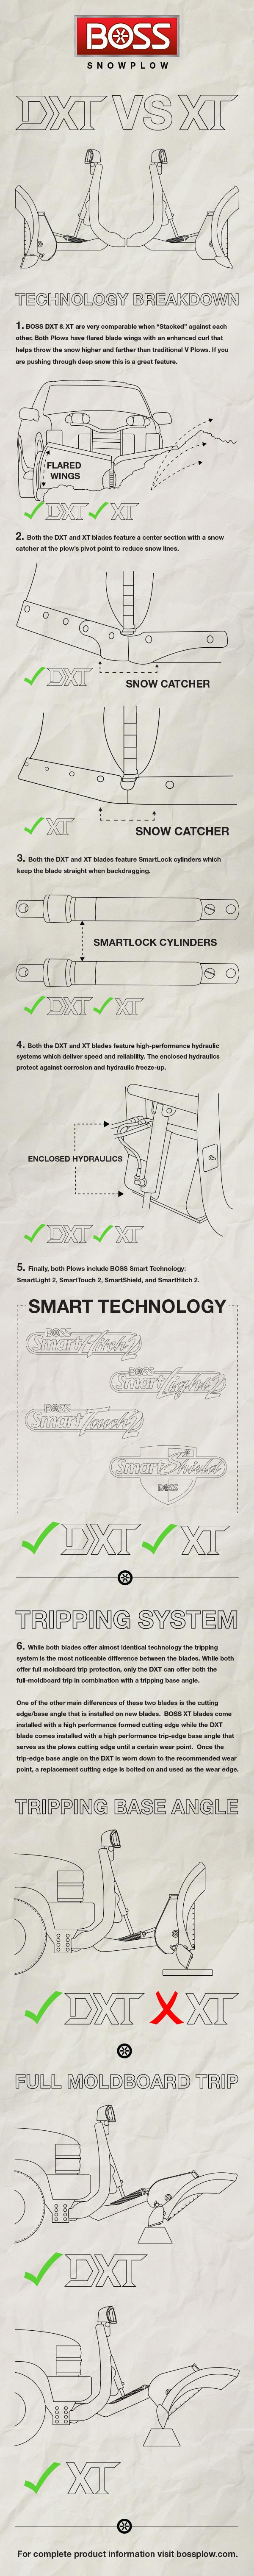 DXT_vs_VXT